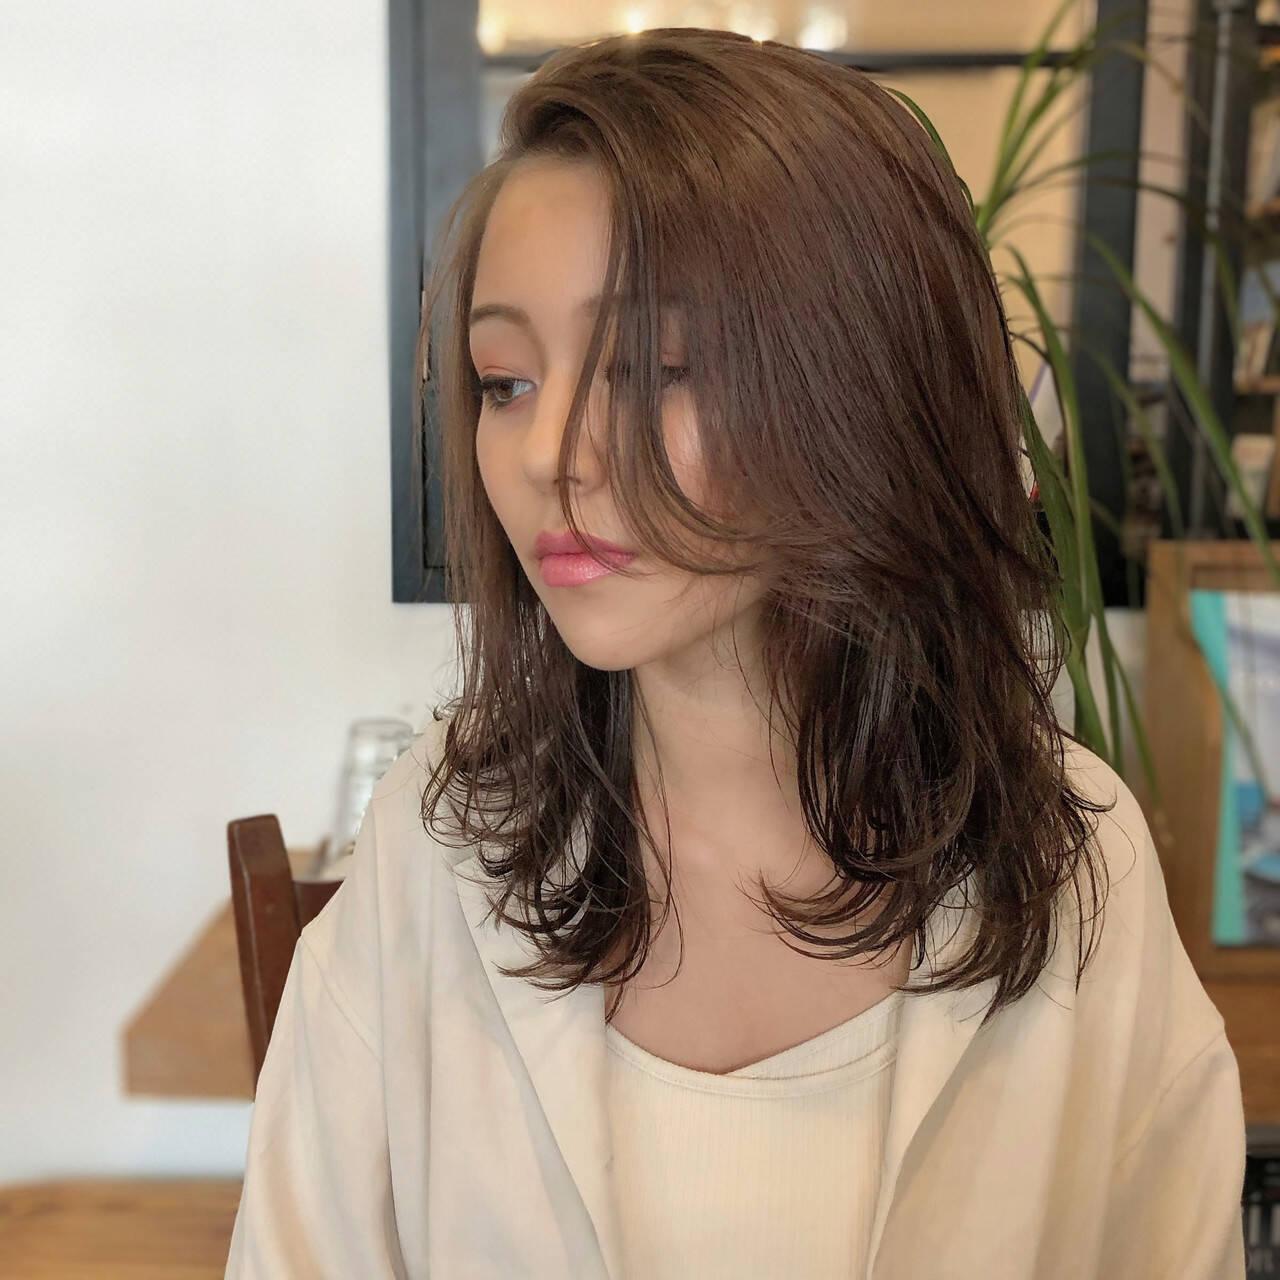 ミディアムレイヤー 色気 ミディアム ベージュカラーヘアスタイルや髪型の写真・画像